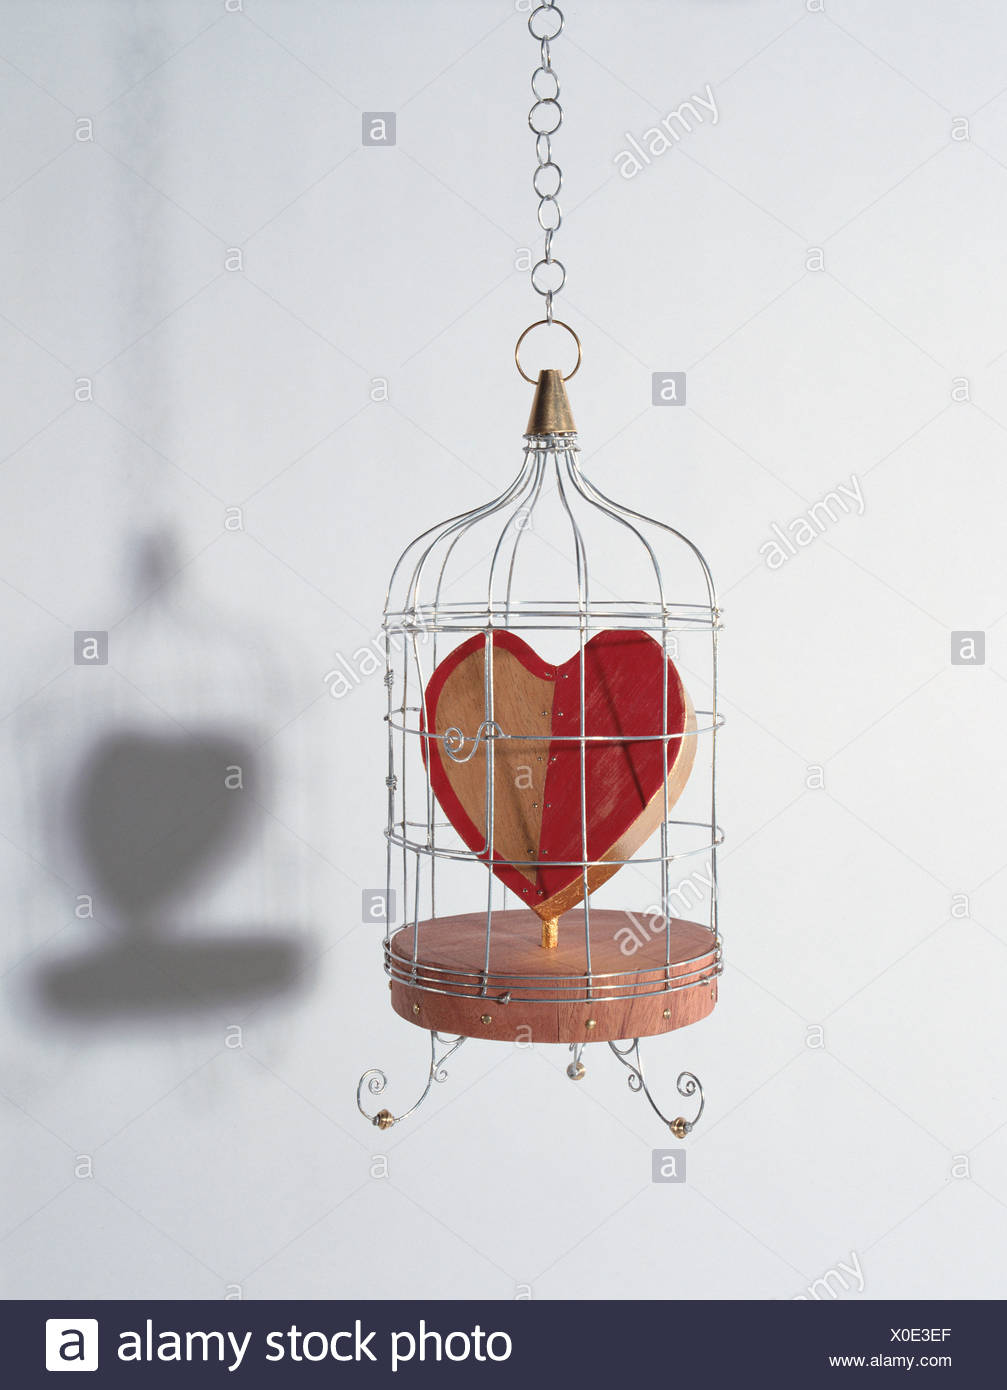 Amor de madera Colgante corazón atrapado en una forma de jaula de metal, corazón pintado mitad rojo, base de madera maciza Foto de stock